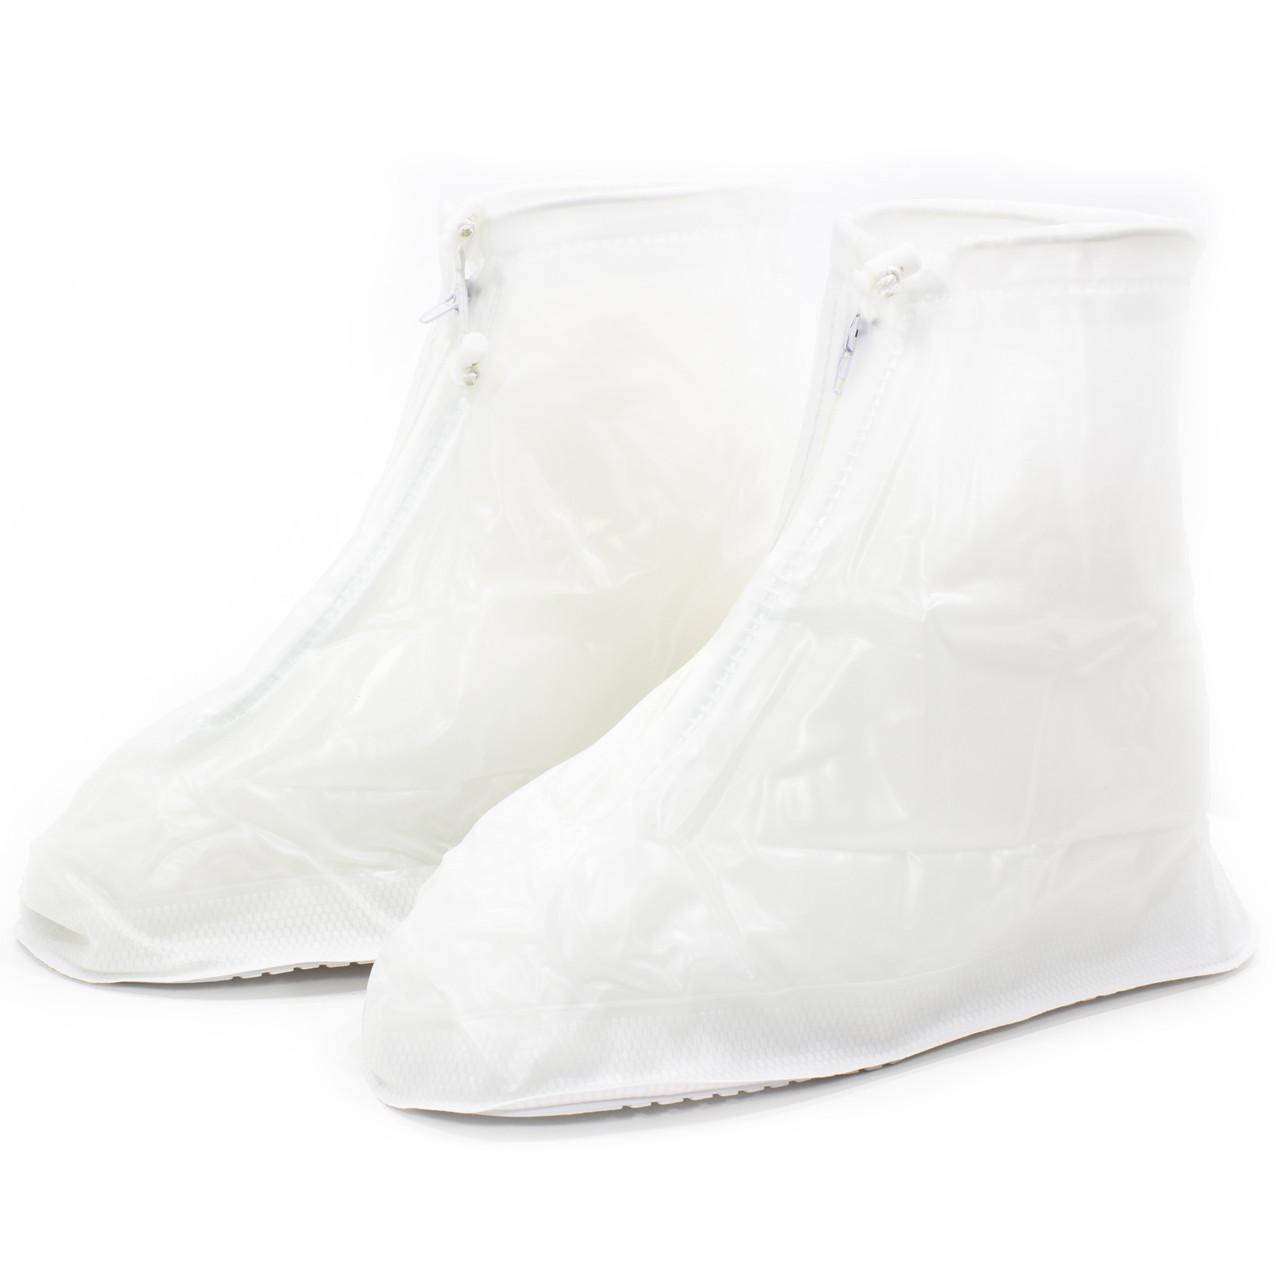 Резиновые чехлы-бахилы на обувь от дождя грязи Lesko SB-101 белый размер XL многоразовые